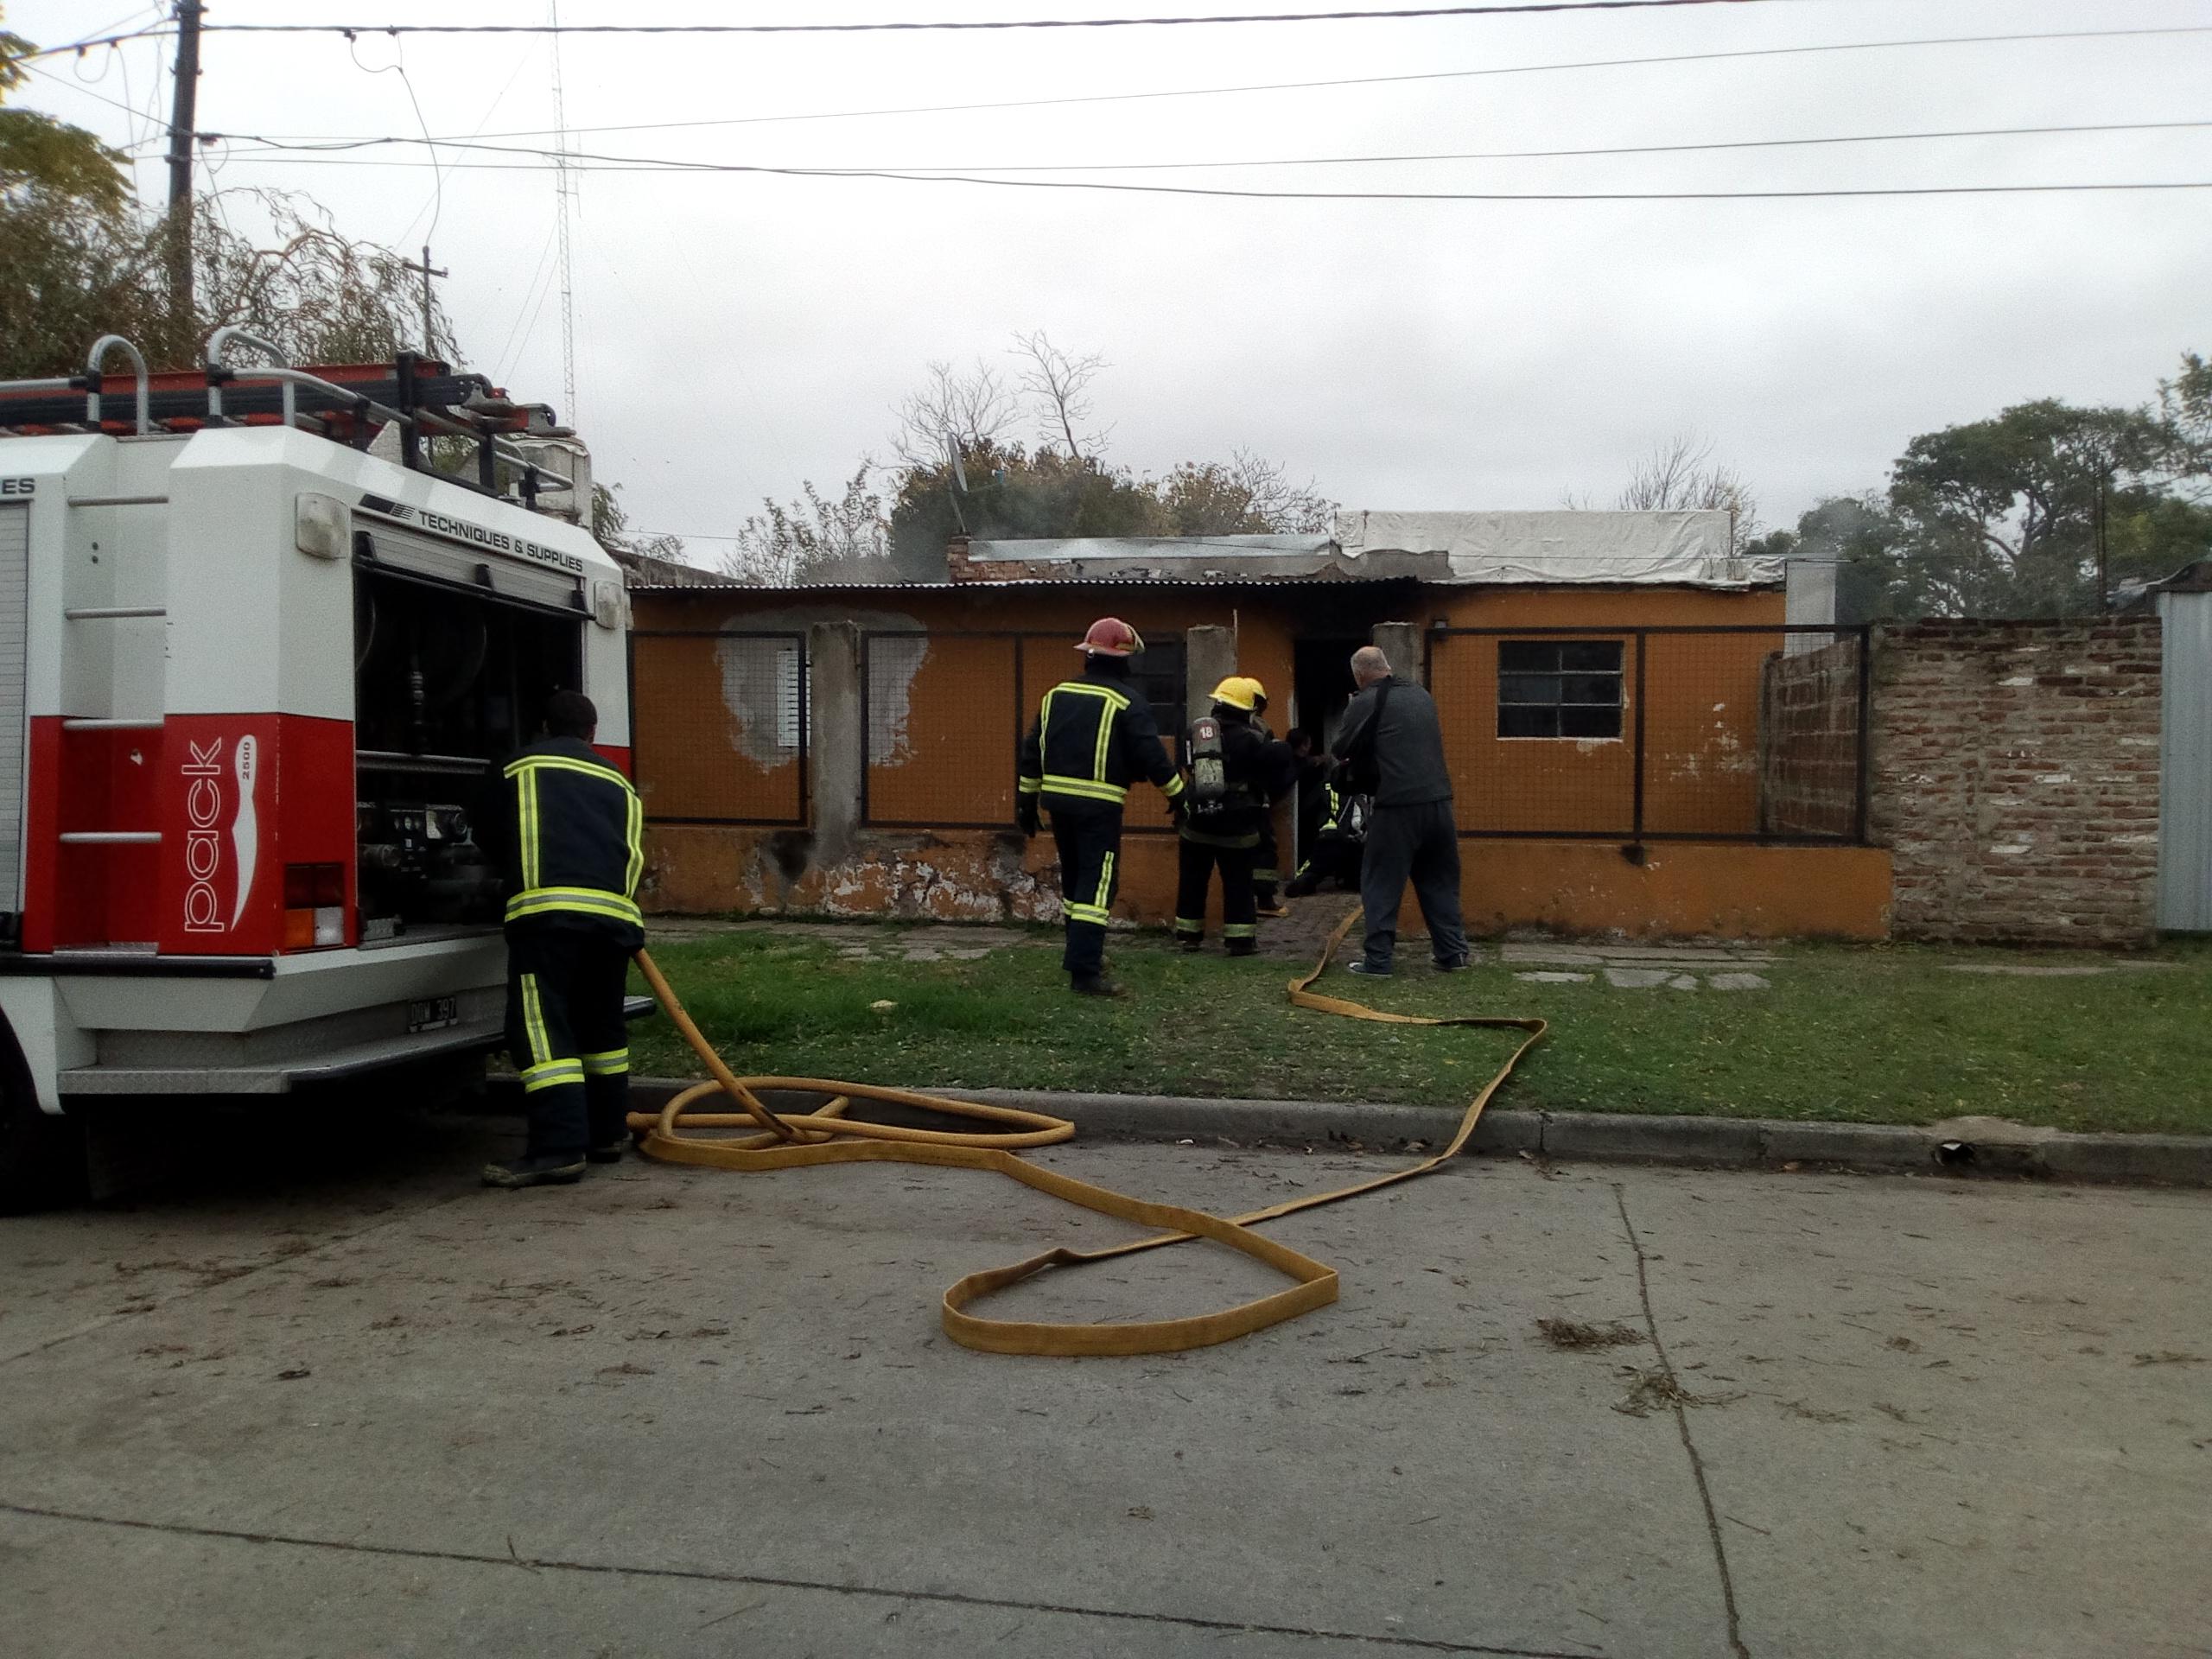 Este martes a las 13.50 horas fueron requeridos los servicios de Bomberos Voluntarios, debido al incendio en una vivienda de calle 23 entre 53 y 54.